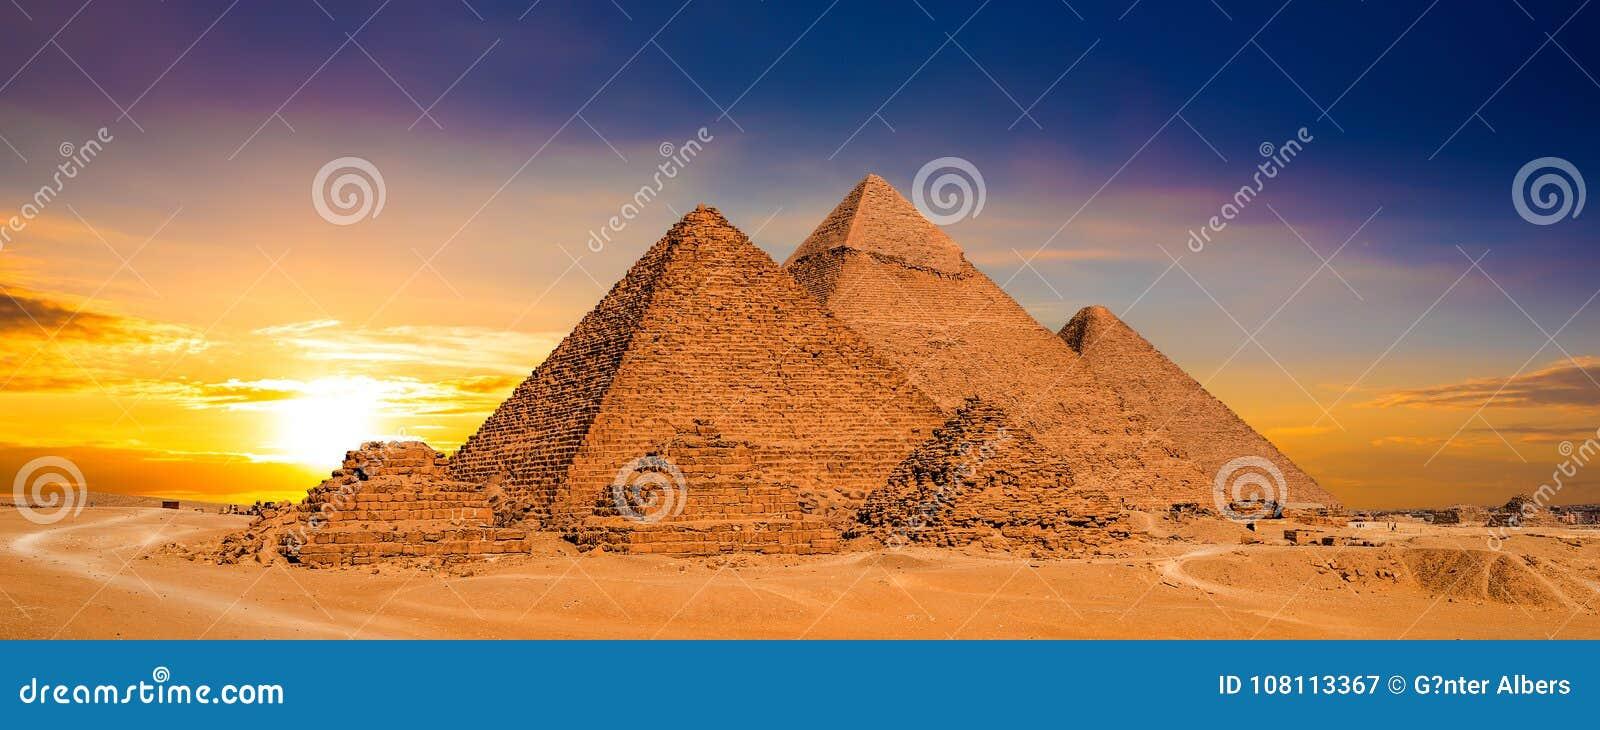 ηλιοβασίλεμα της Αιγύπτου